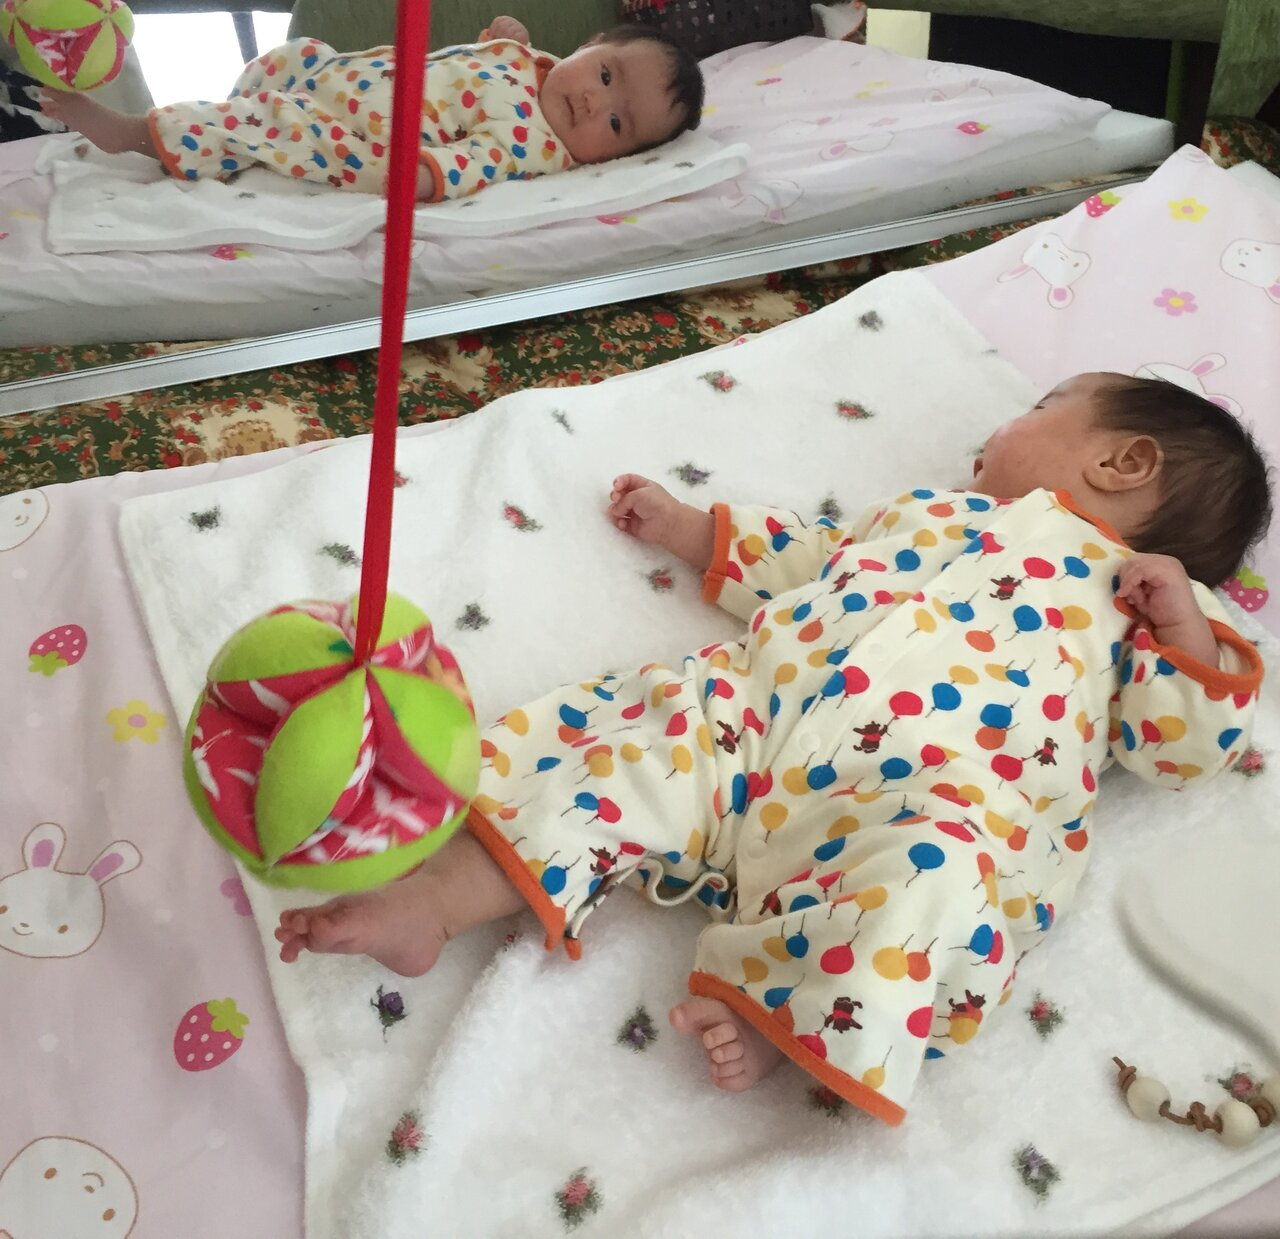 鏡を見てボールを蹴る赤ちゃん